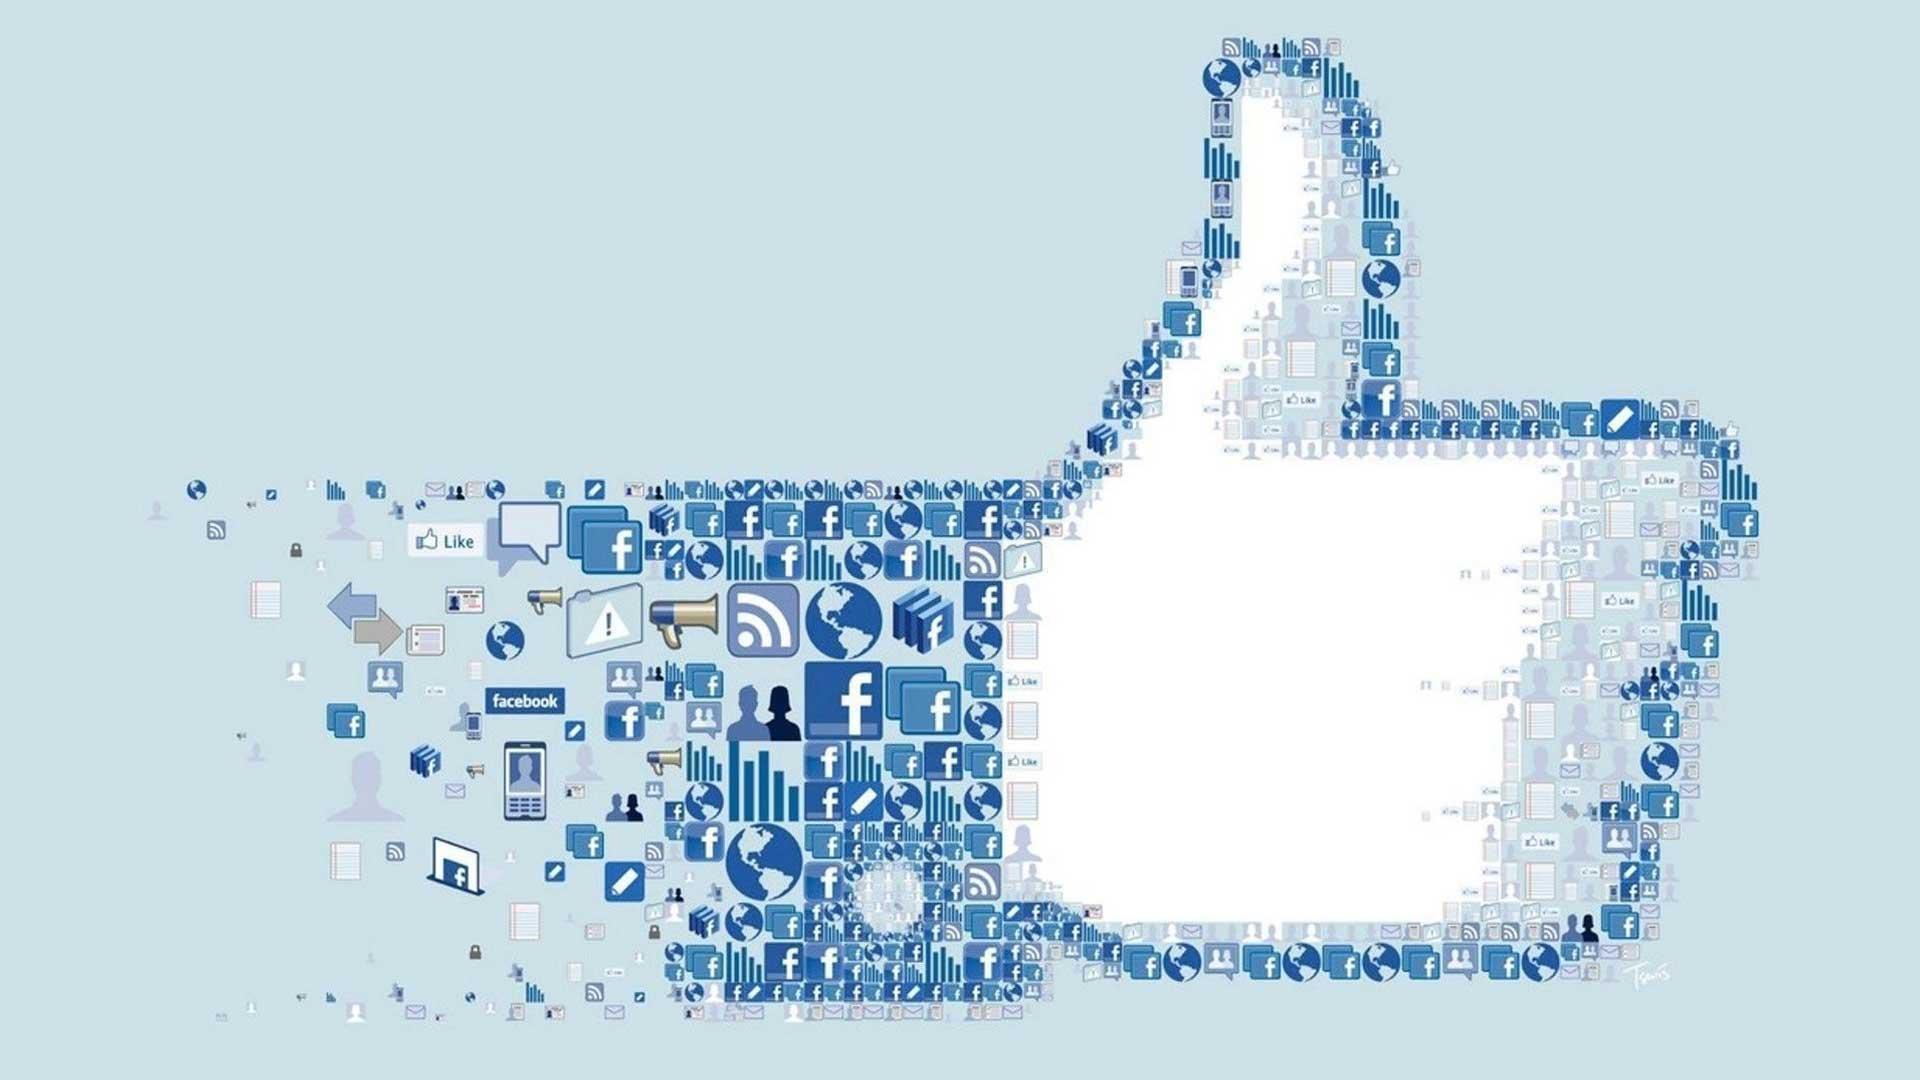 création de publications sur les réseaux sociaux